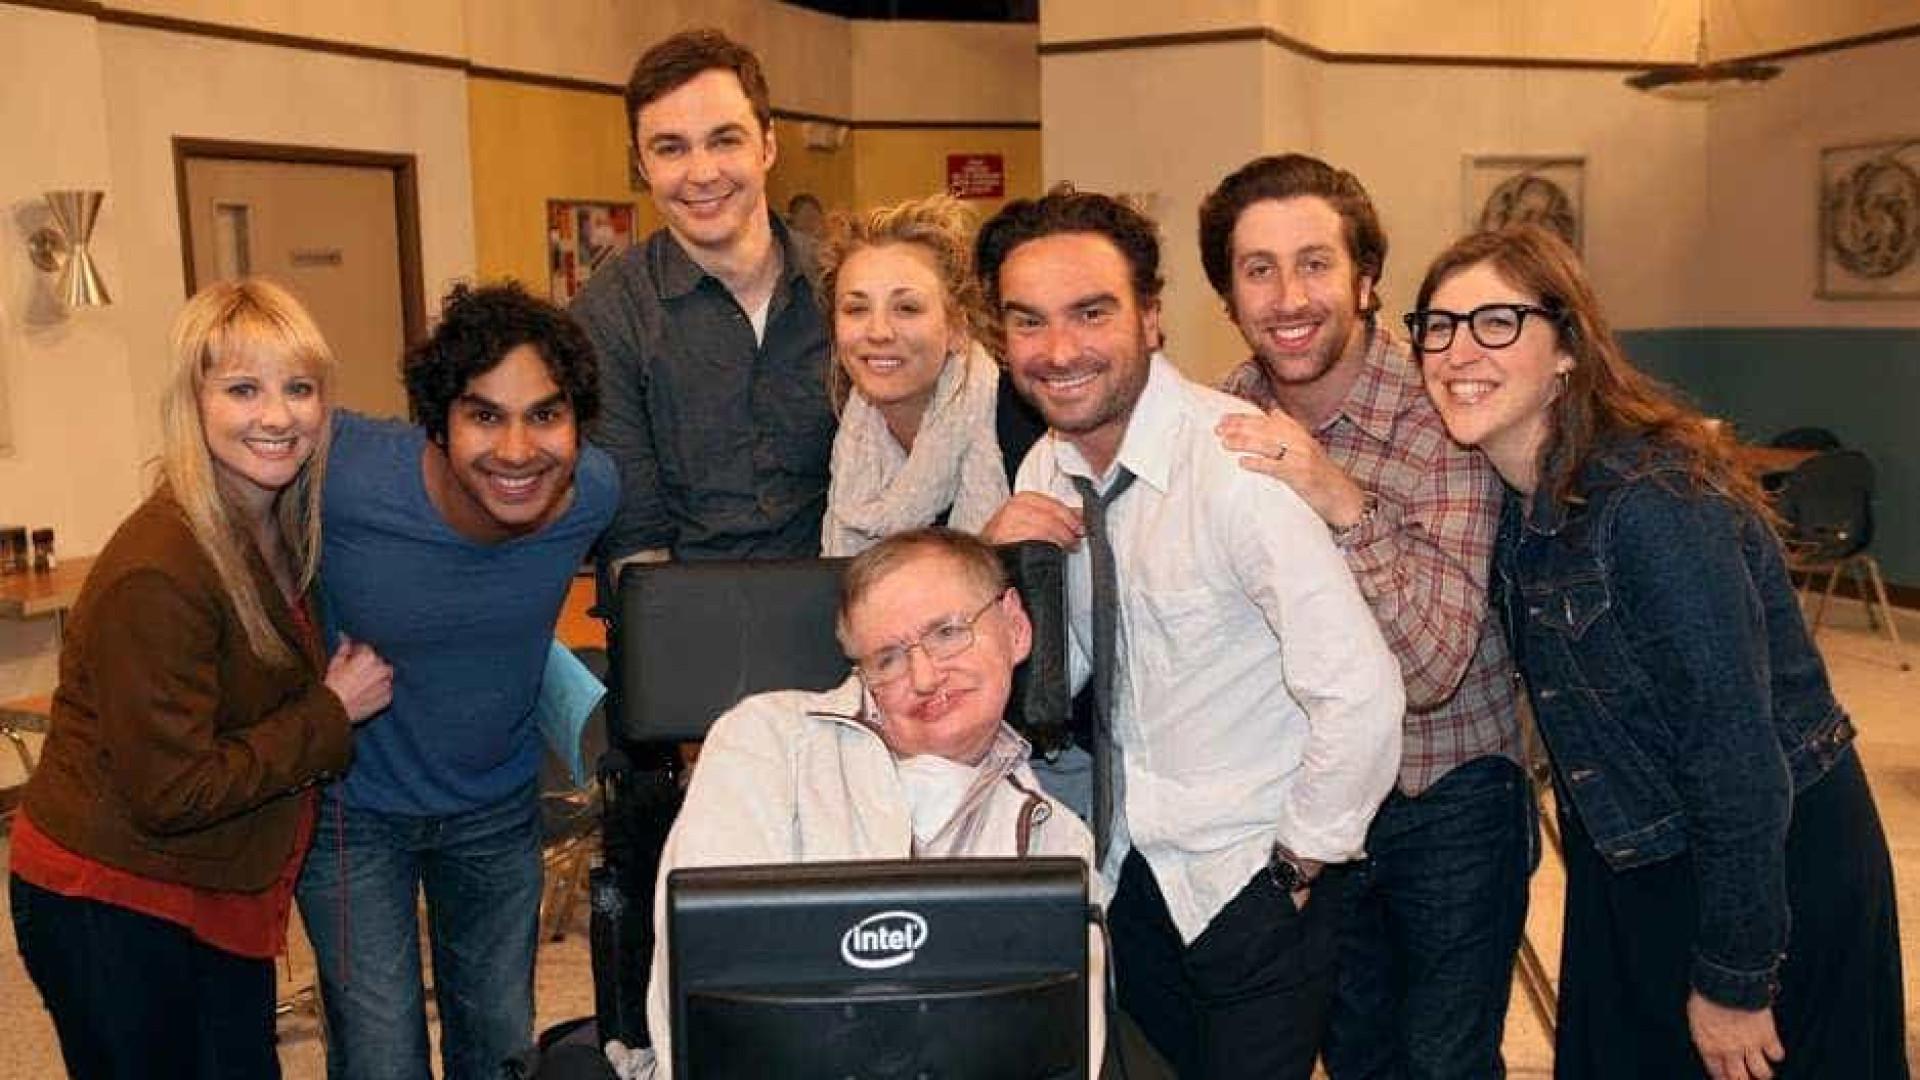 Elenco de 'The Big Bang Theory' homenageia Hawking: 'Foi uma honra'